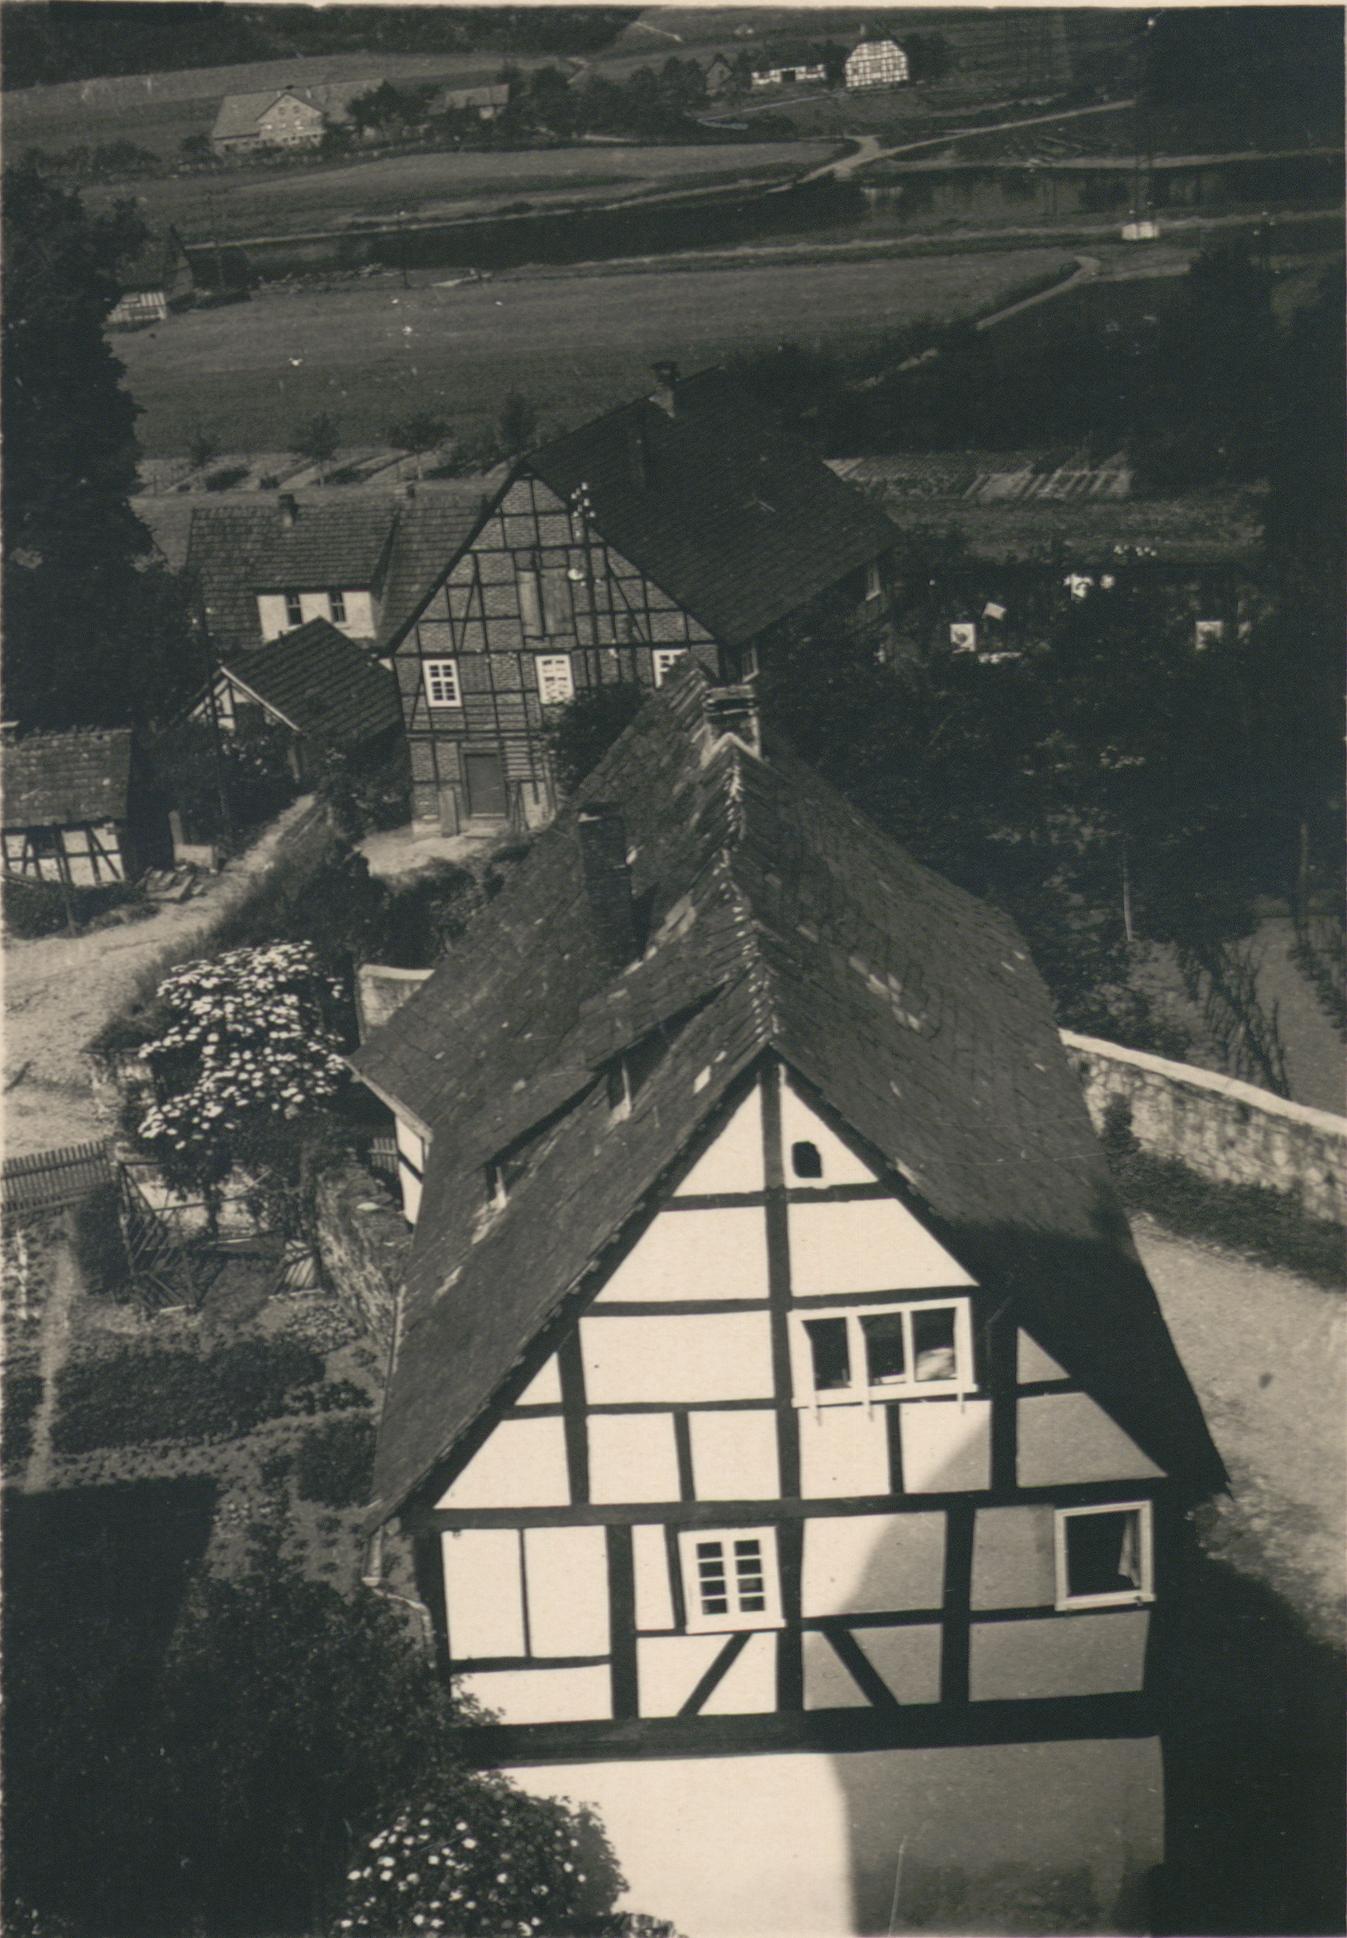 Das Landheim in Lippoldsberg vom Kirchturm aus fotografiert, ohne Datum. Quelle: Reproduktion der SUB Göttingen Handschriften und Seltene Drucke: Cod. Ms. H. Nohl 752: 5; Bild 31.